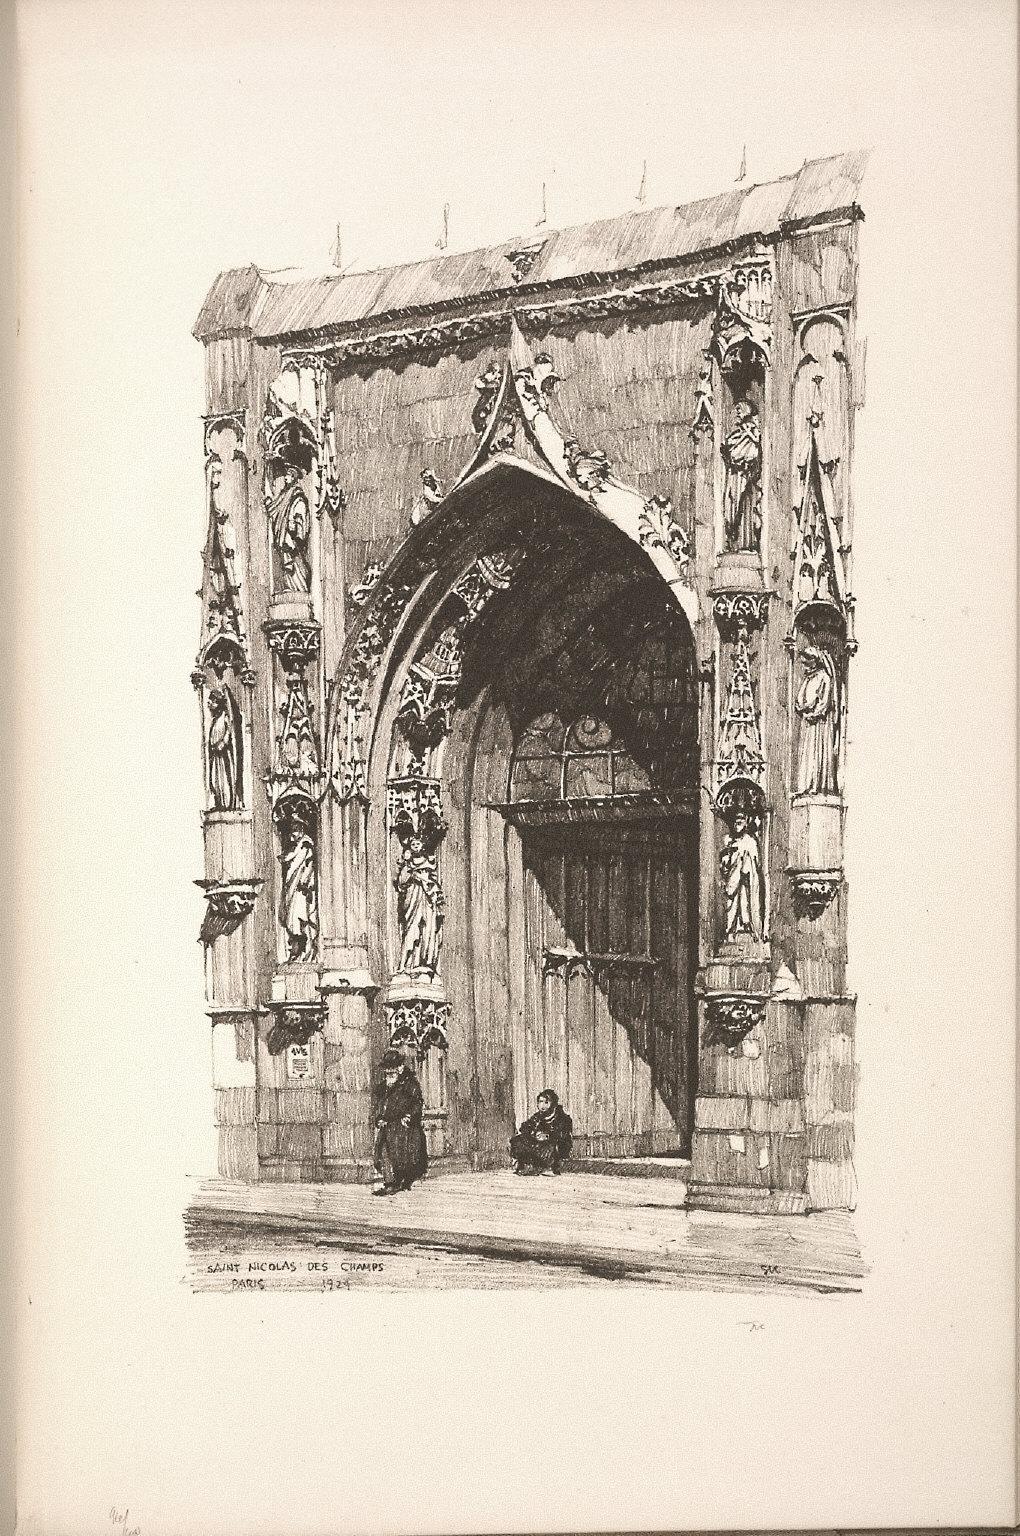 Twenty Lithographs of Old Paris: Saint Nicolas-des-Champs, Paris